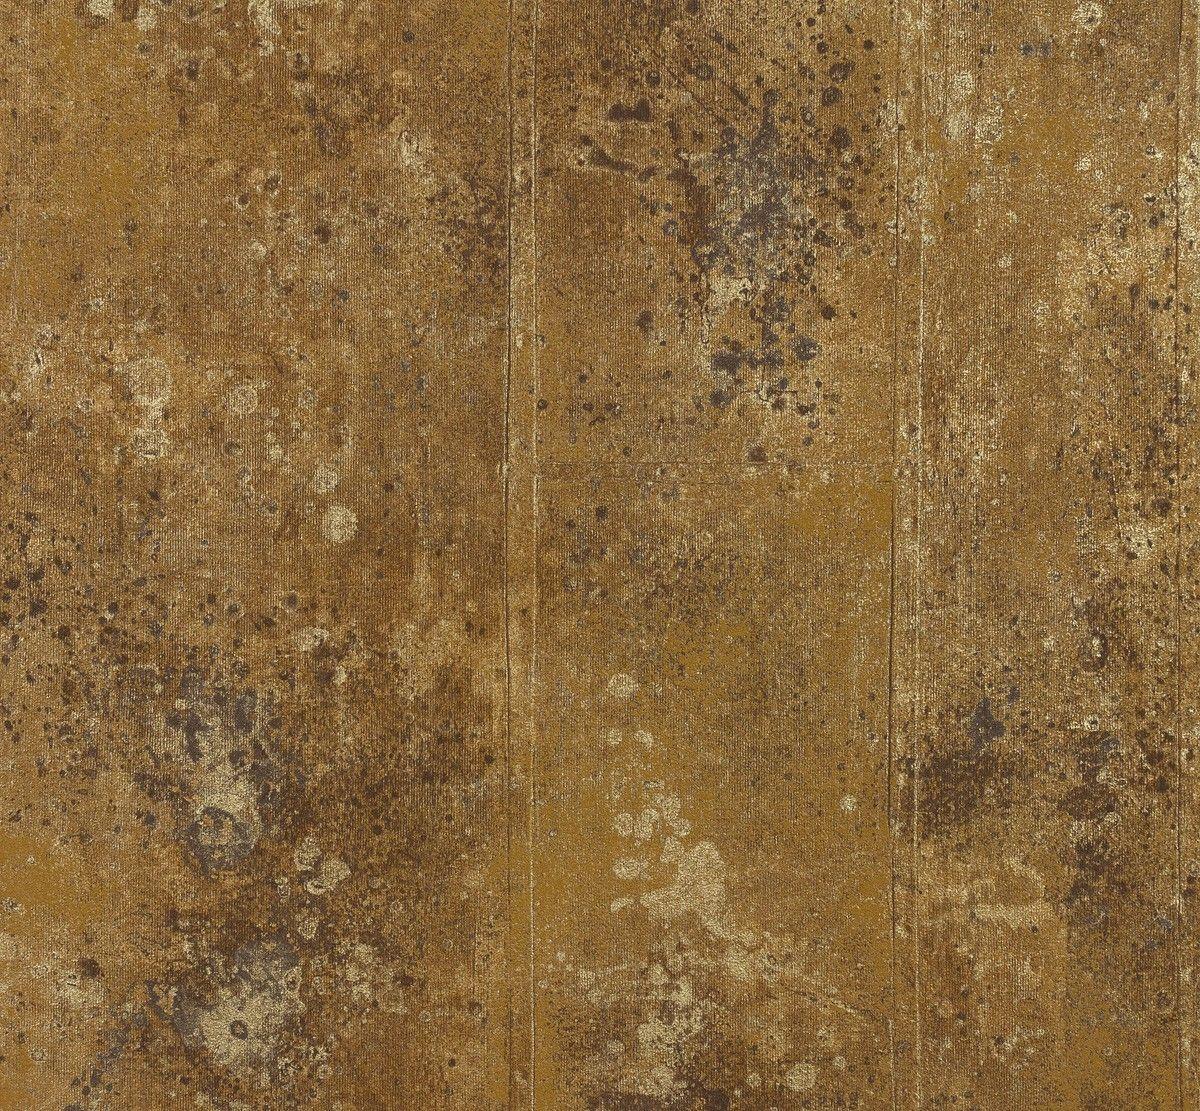 Strukturputz Farben Muster Und Texturen Fur Aussen Und Innen Haus Dekoration Mehr In 2020 Tapeten Wohnzimmer Tapeten Rasch Tapeten